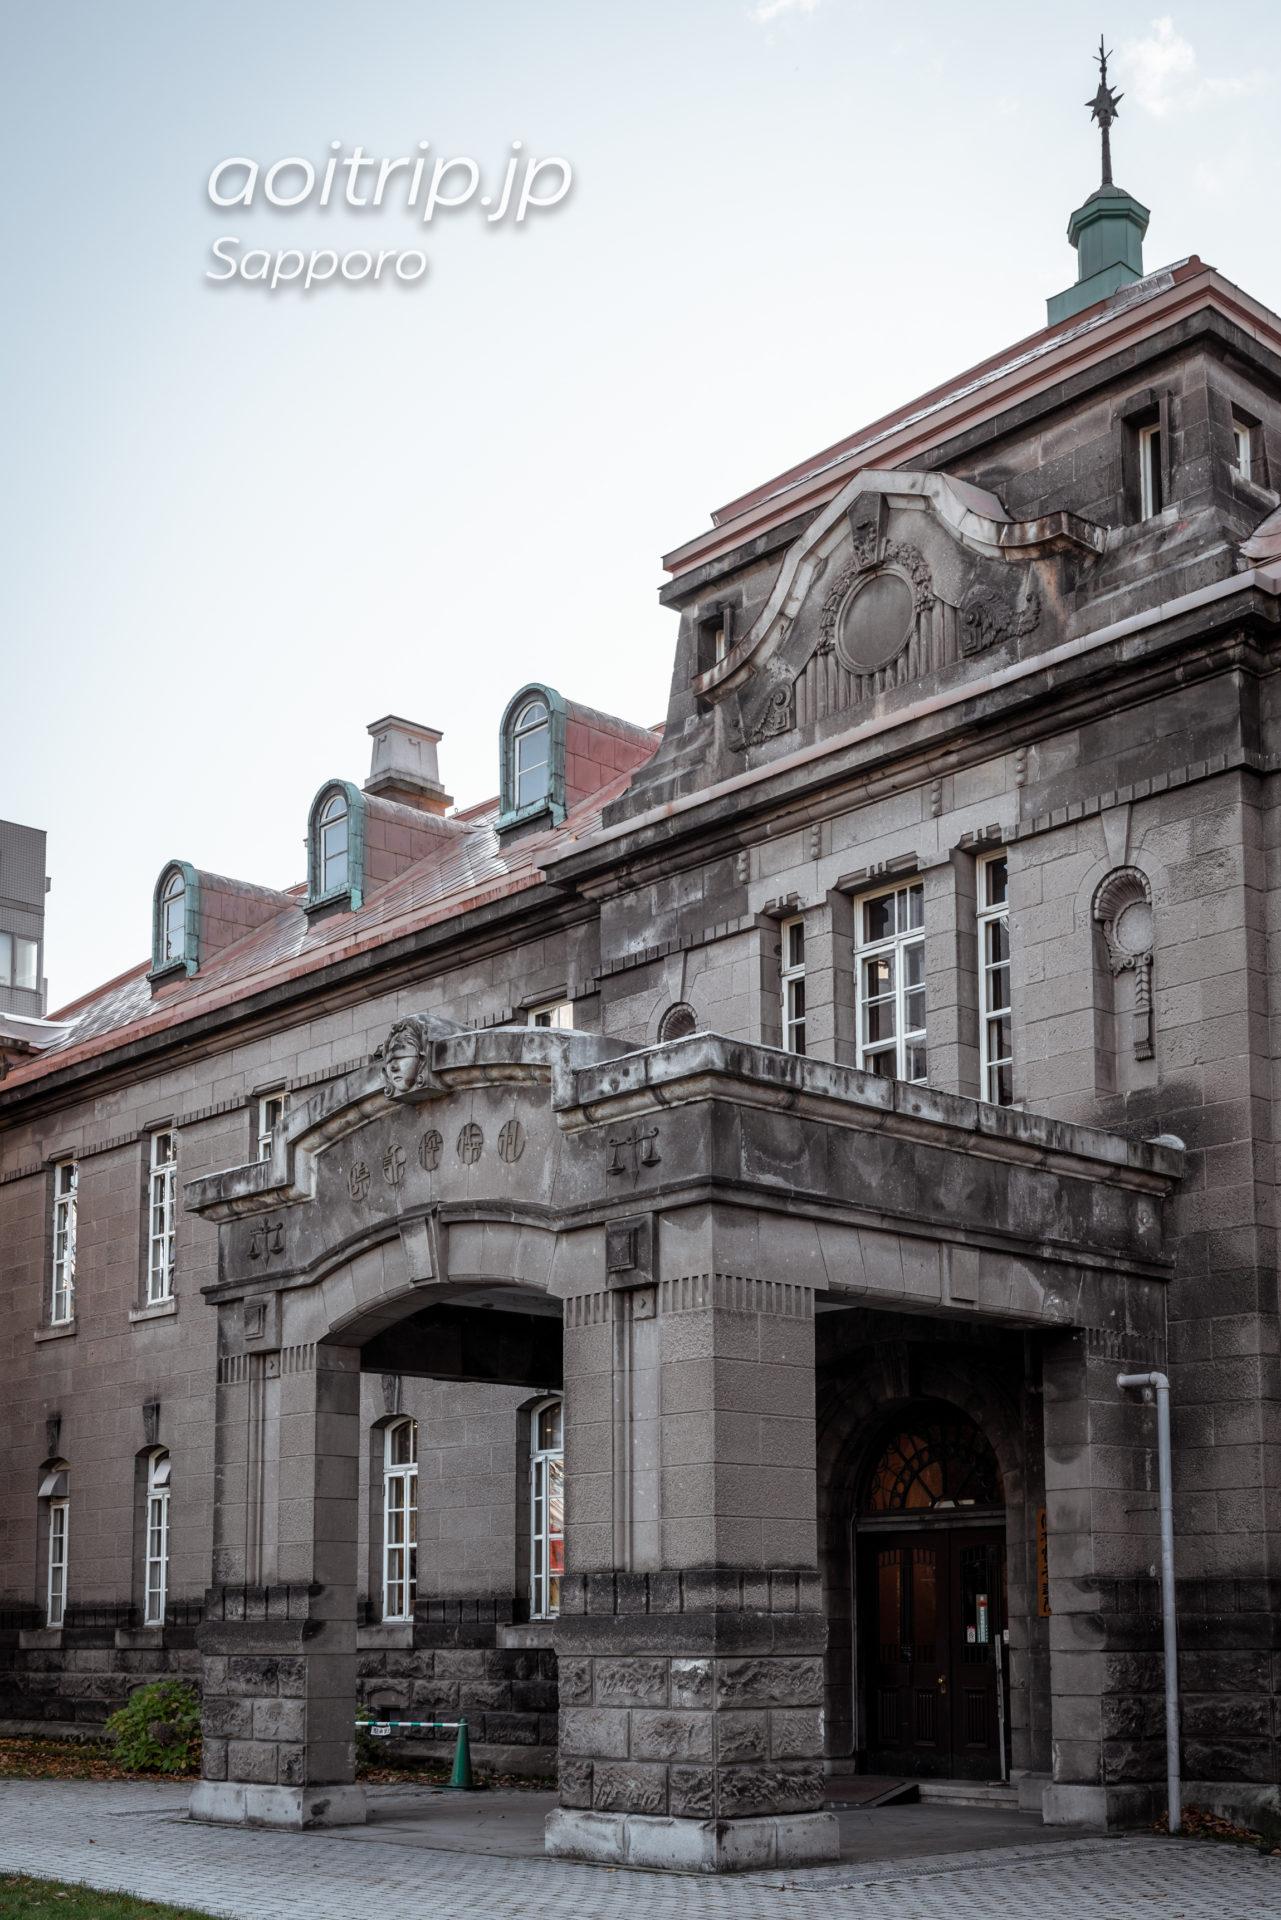 札幌市資料館(旧札幌控訴院) Former Sapporo Court of Appeals